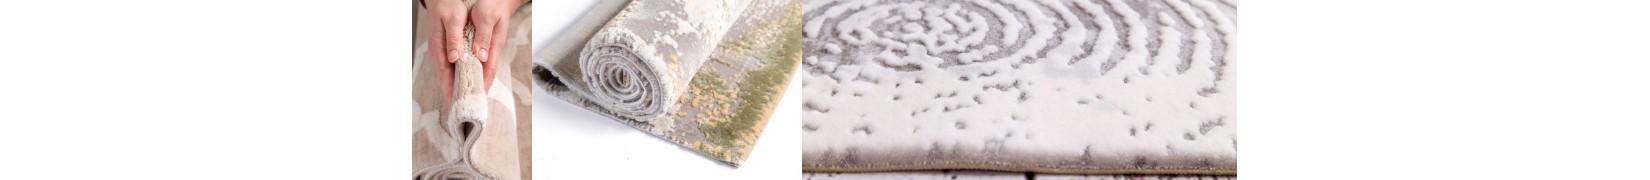 Dywany akrylowe do salonu. Nowoczesne z akrylu - sklep Śliczne Dywany